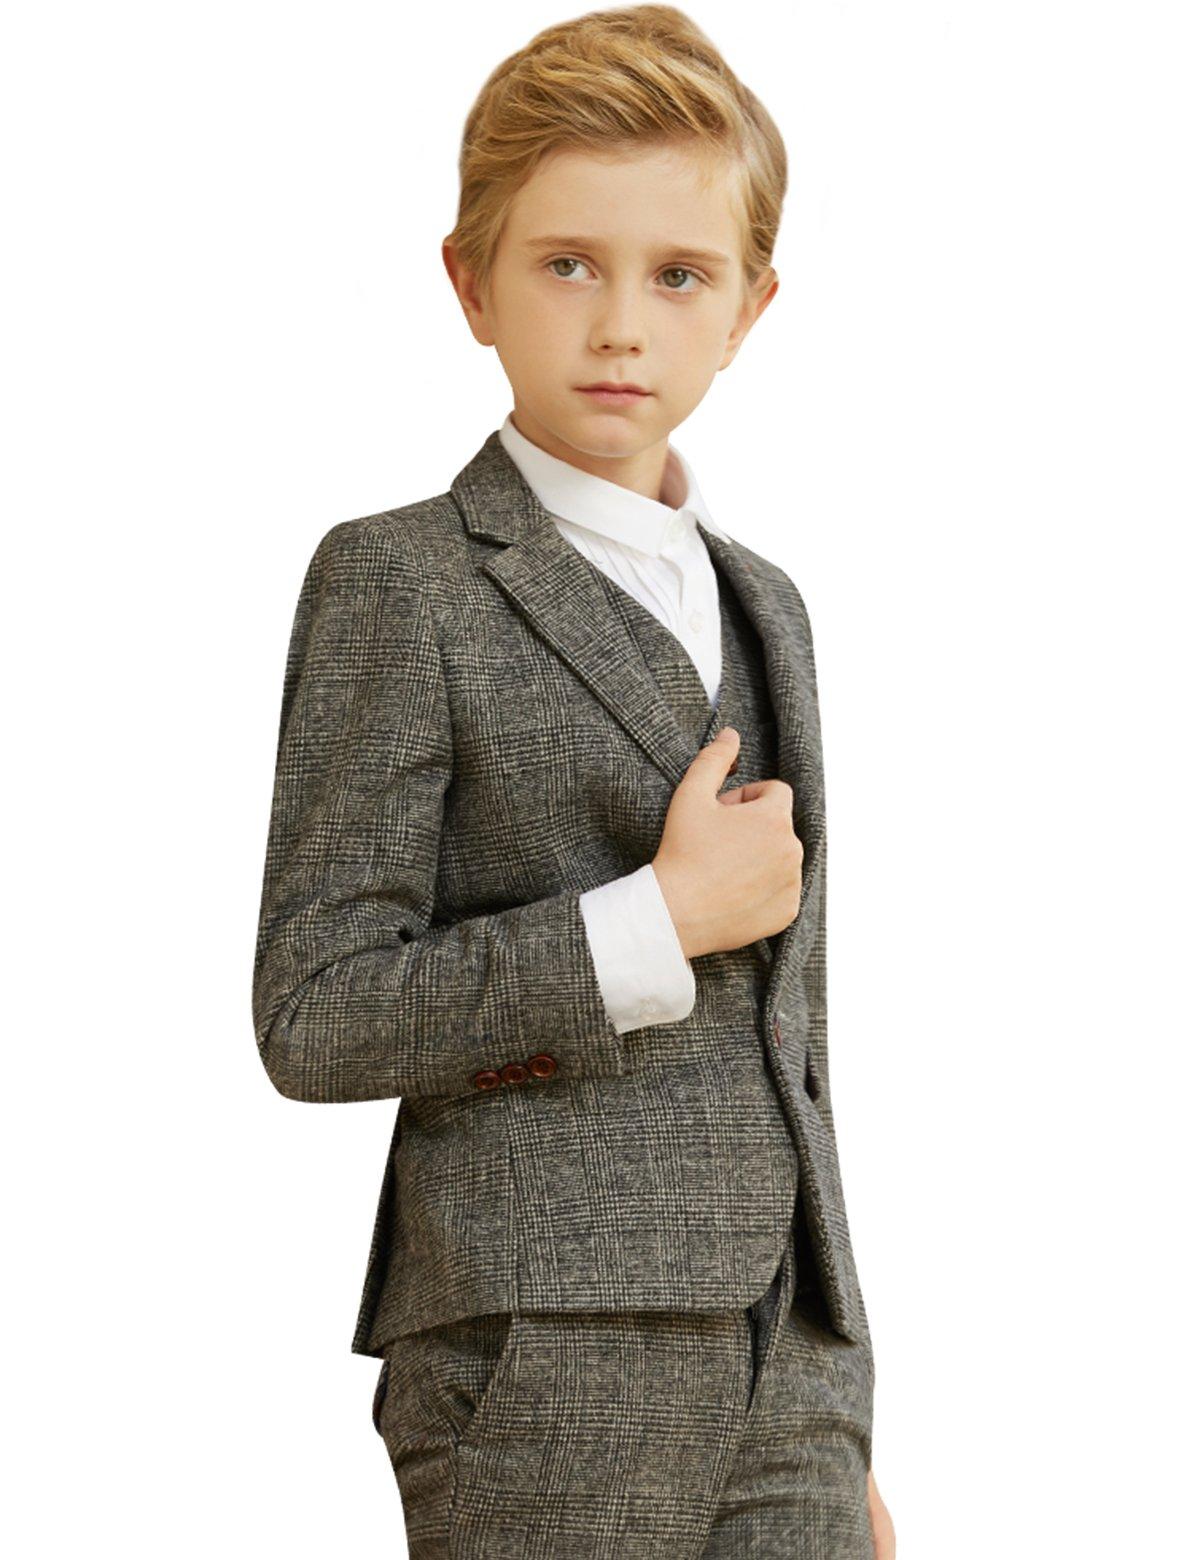 ELPA ELPA Boys Dress Suit 5 Piece Children Dress Show Casual Gray Suit